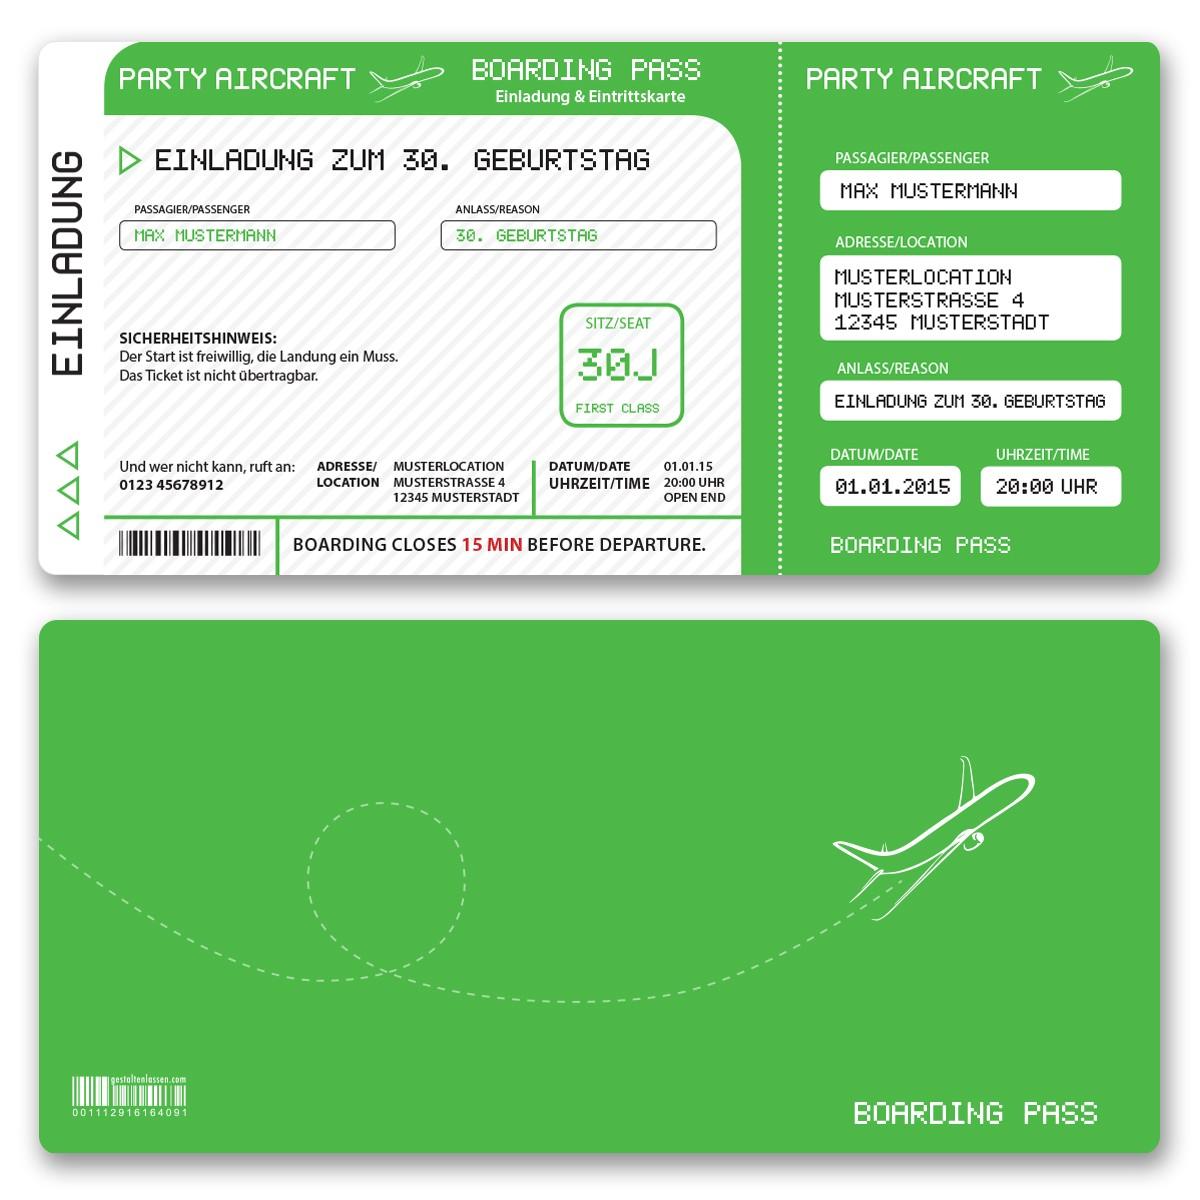 Einladungskarten als Flugticket Grün ab 55 Cent / Einladung ...